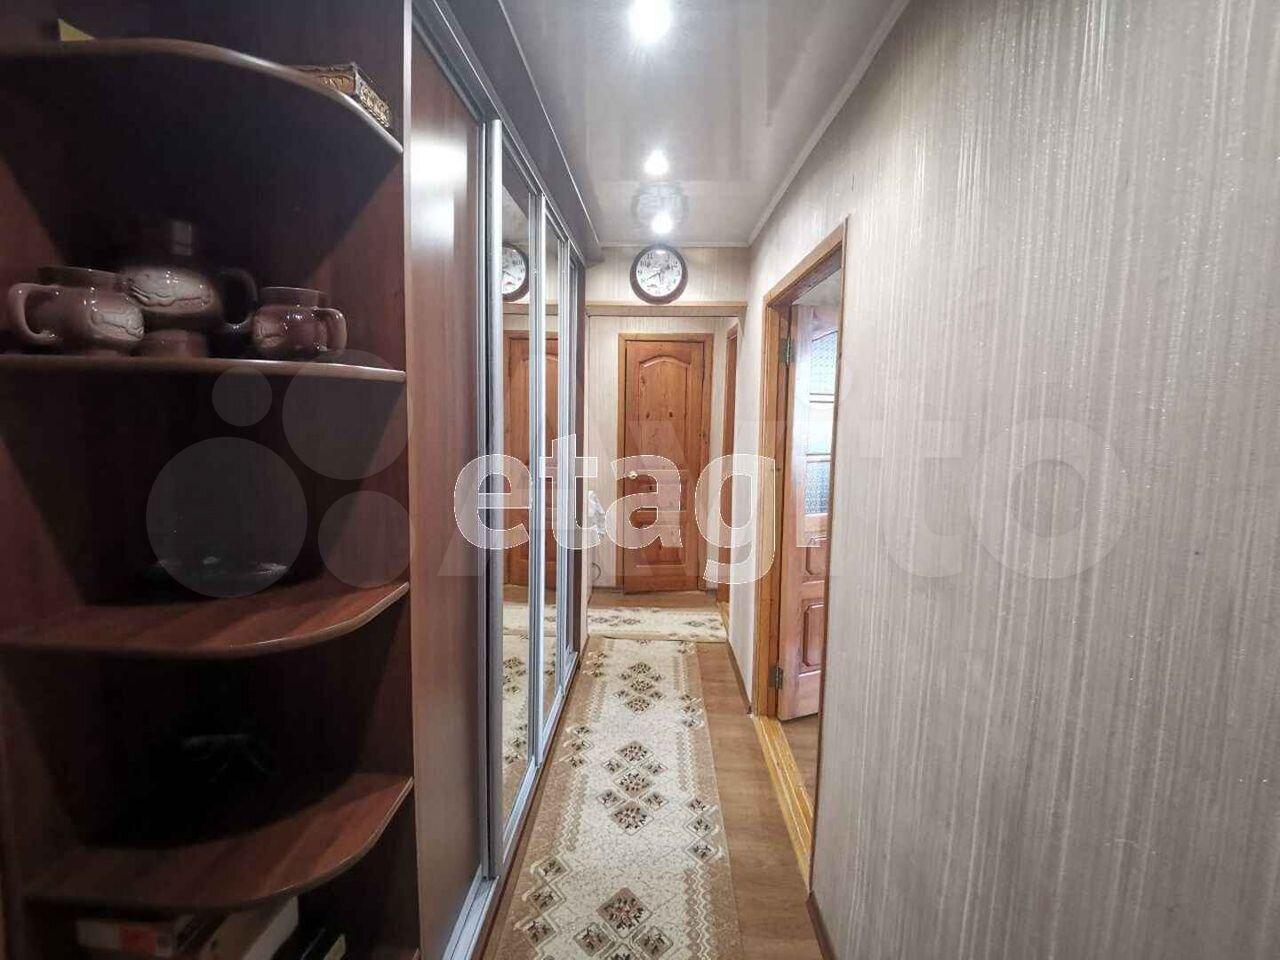 3-к квартира, 61 м², 4/9 эт.  89610020640 купить 4